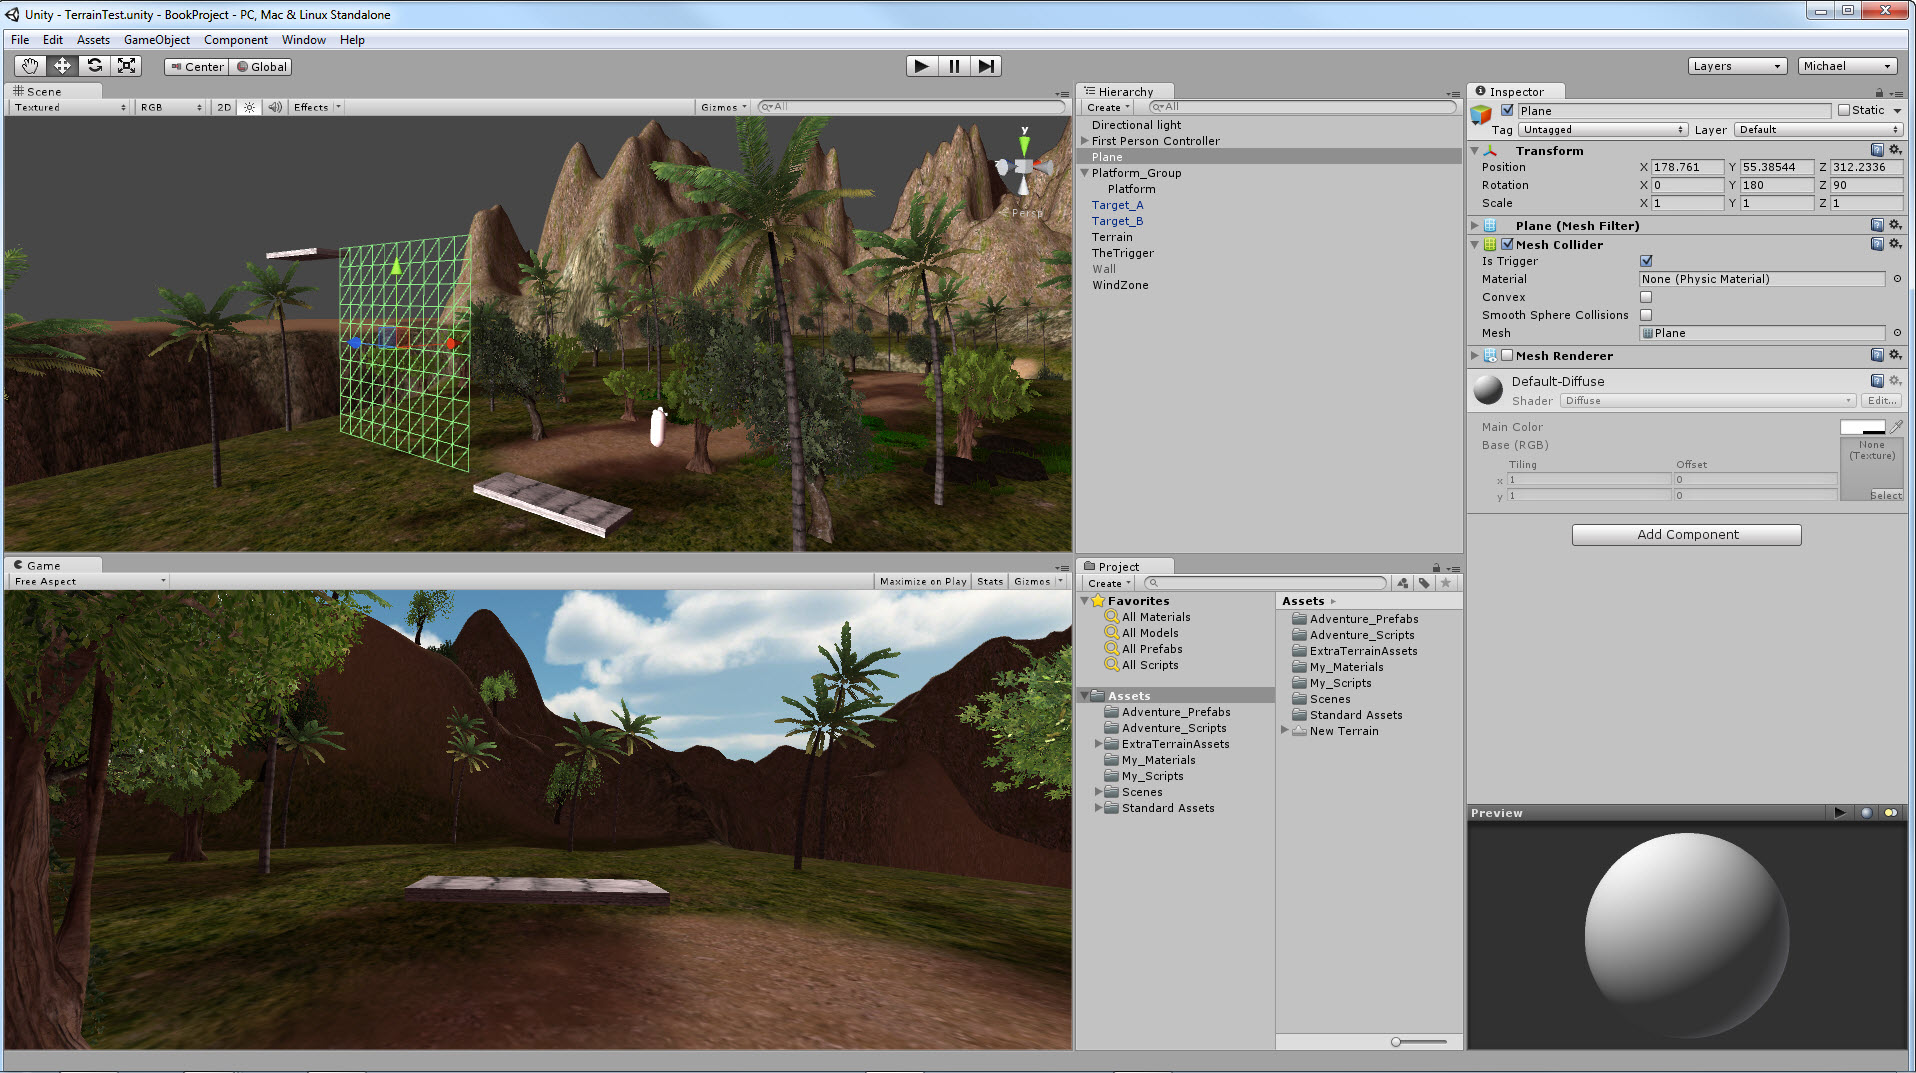 December | 2013 | Blender Modeling – My Travels using Blender 3D